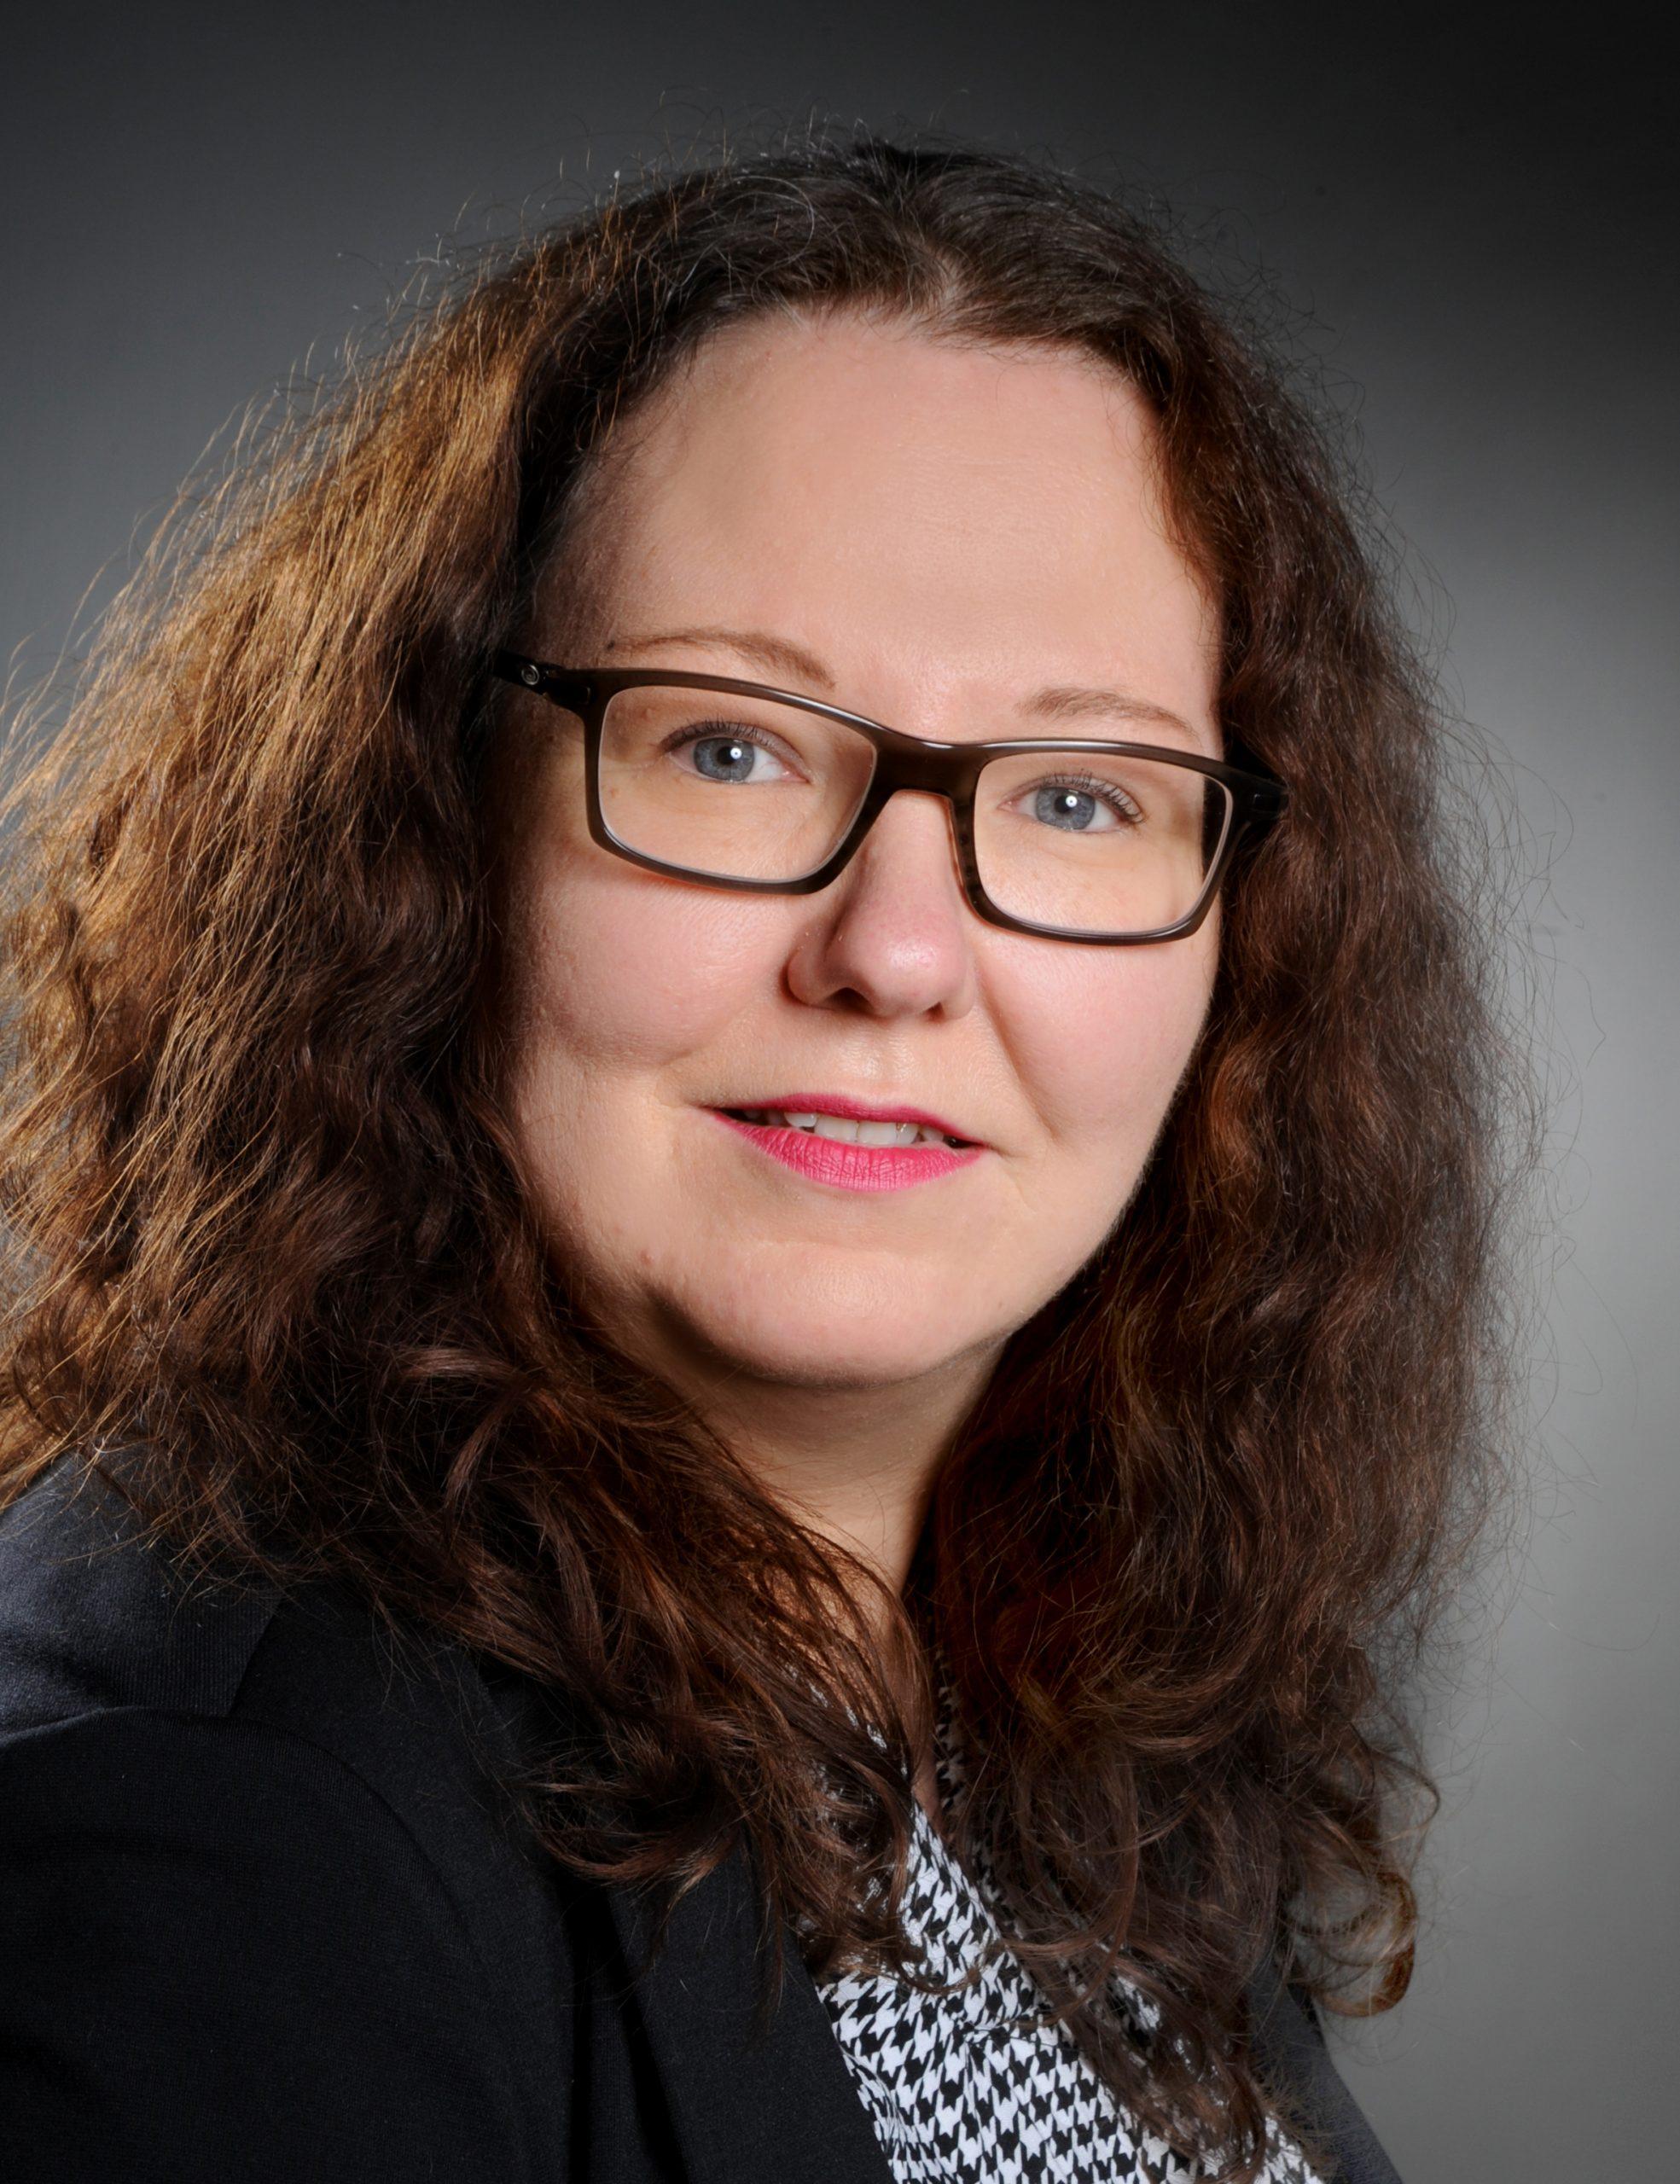 Stefanie Stackelbeck